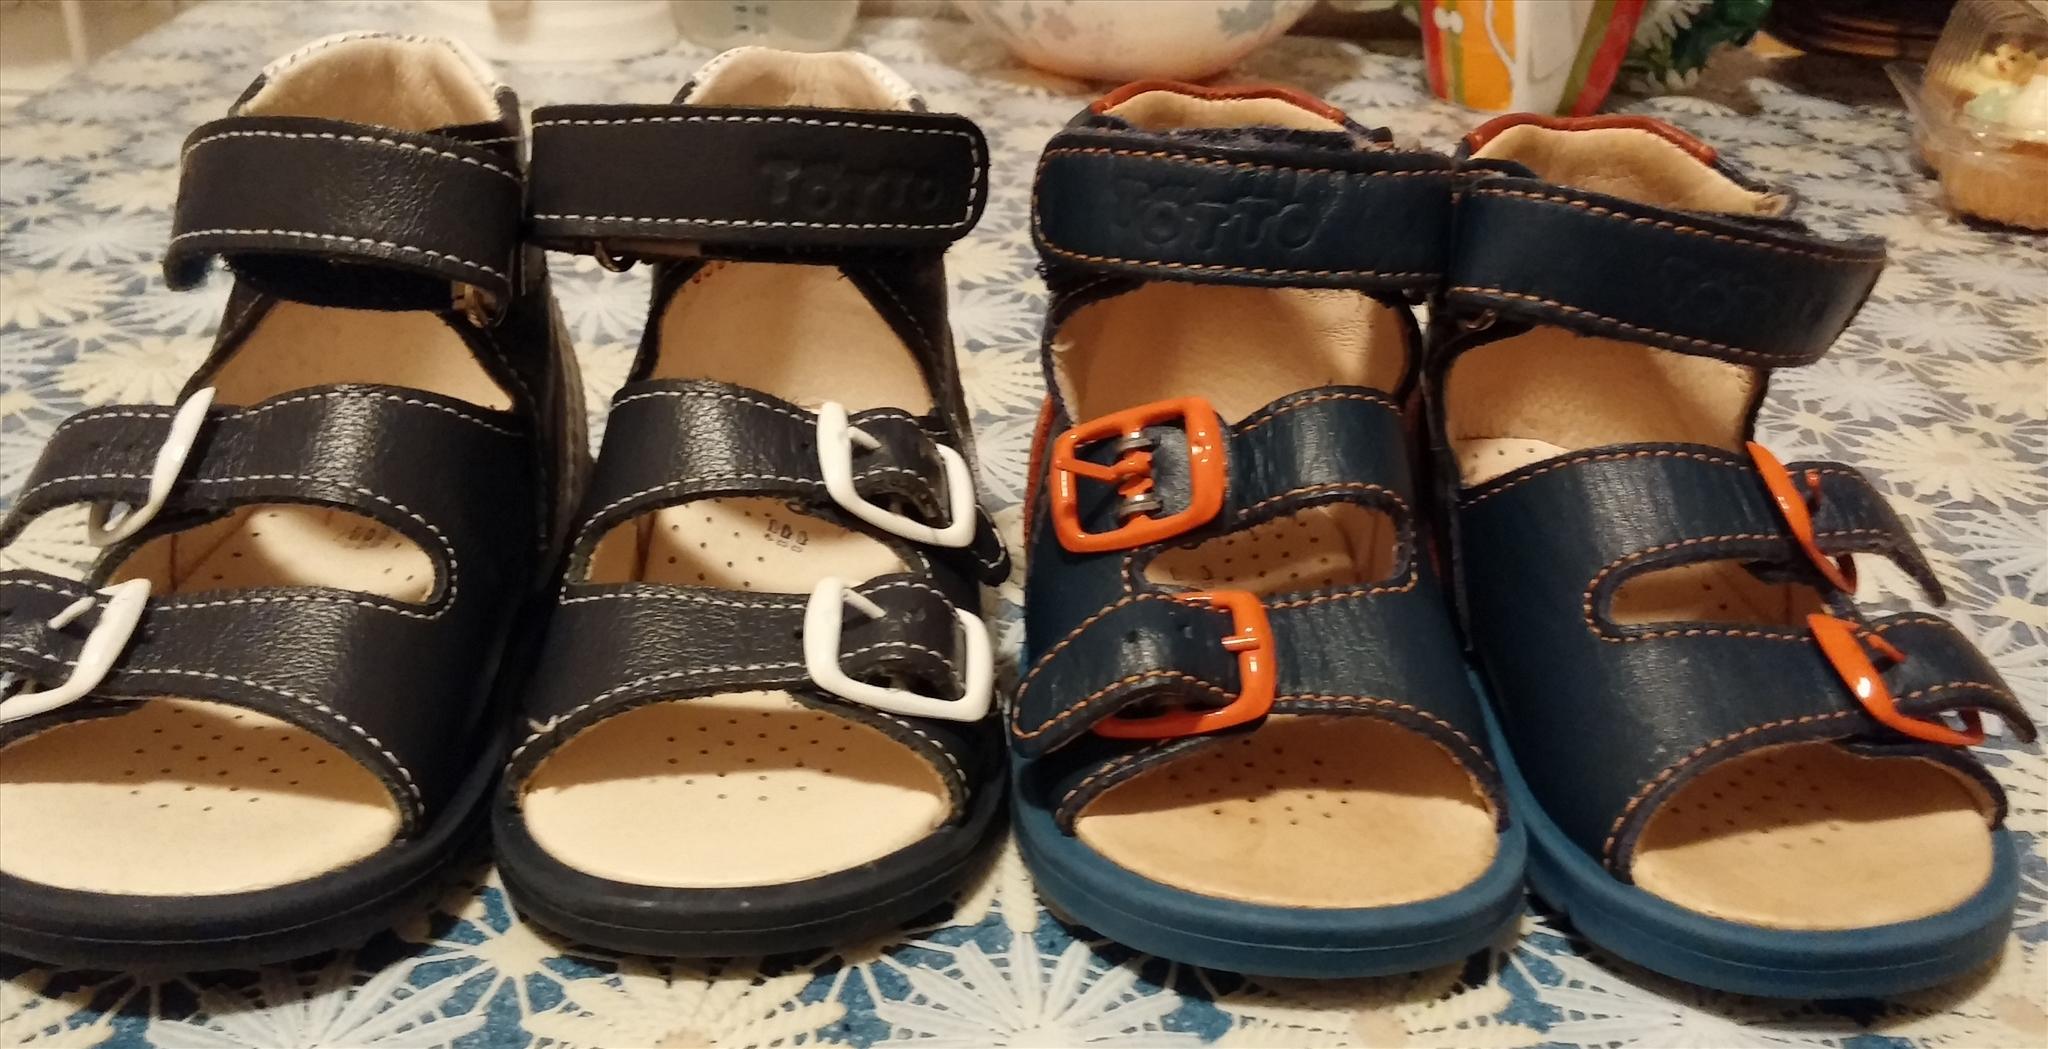 d53db76d7 Скачать фото Детская обувь Продаются детские сандалии, фирмы Totto, 19  размер 35424353 в Туле ...